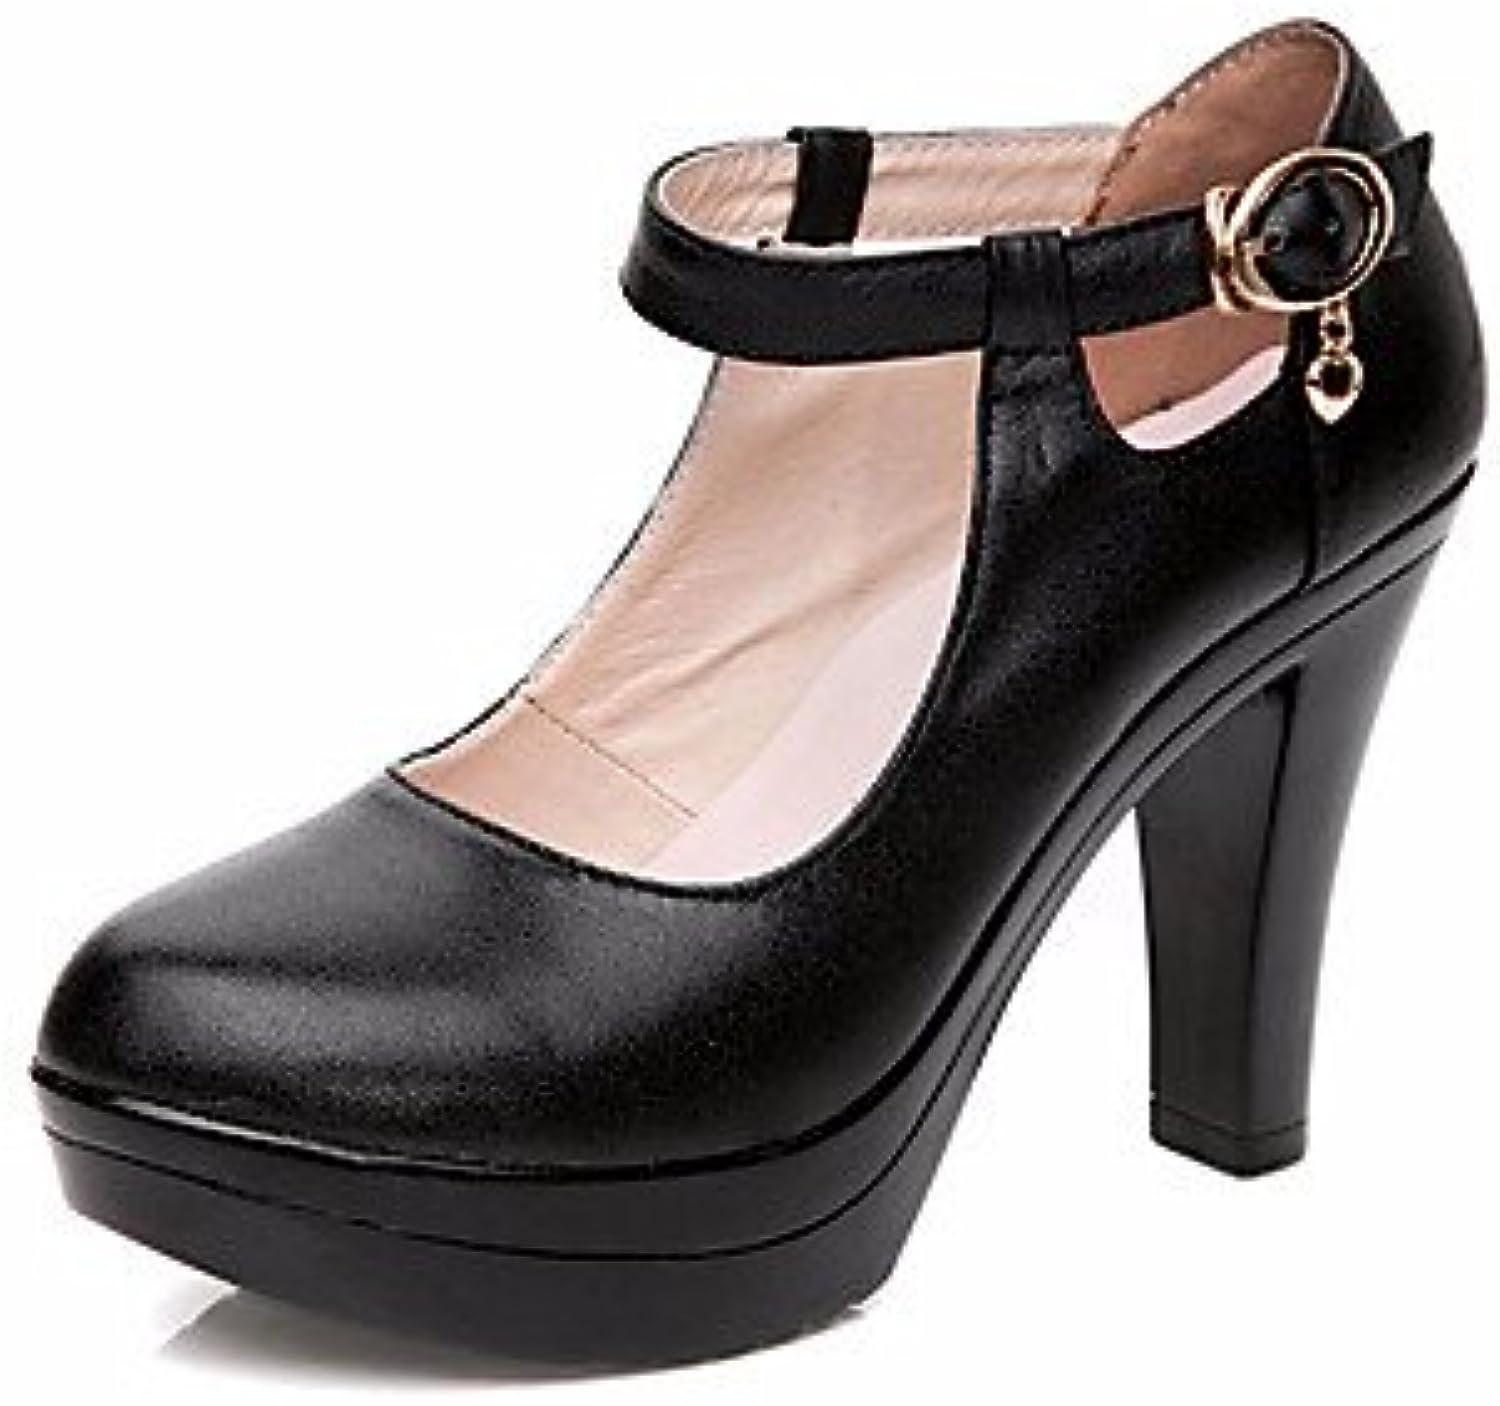 LvYuan-GGX Damen Damen Damen High Heels Formale Schuhe Leder Frühling Herbst Normal Formale Schuhe Blockabsatz Schwarz 12 cm & Mehr, schwarz, us3.5   eu33   uk1.5   cn32  522155